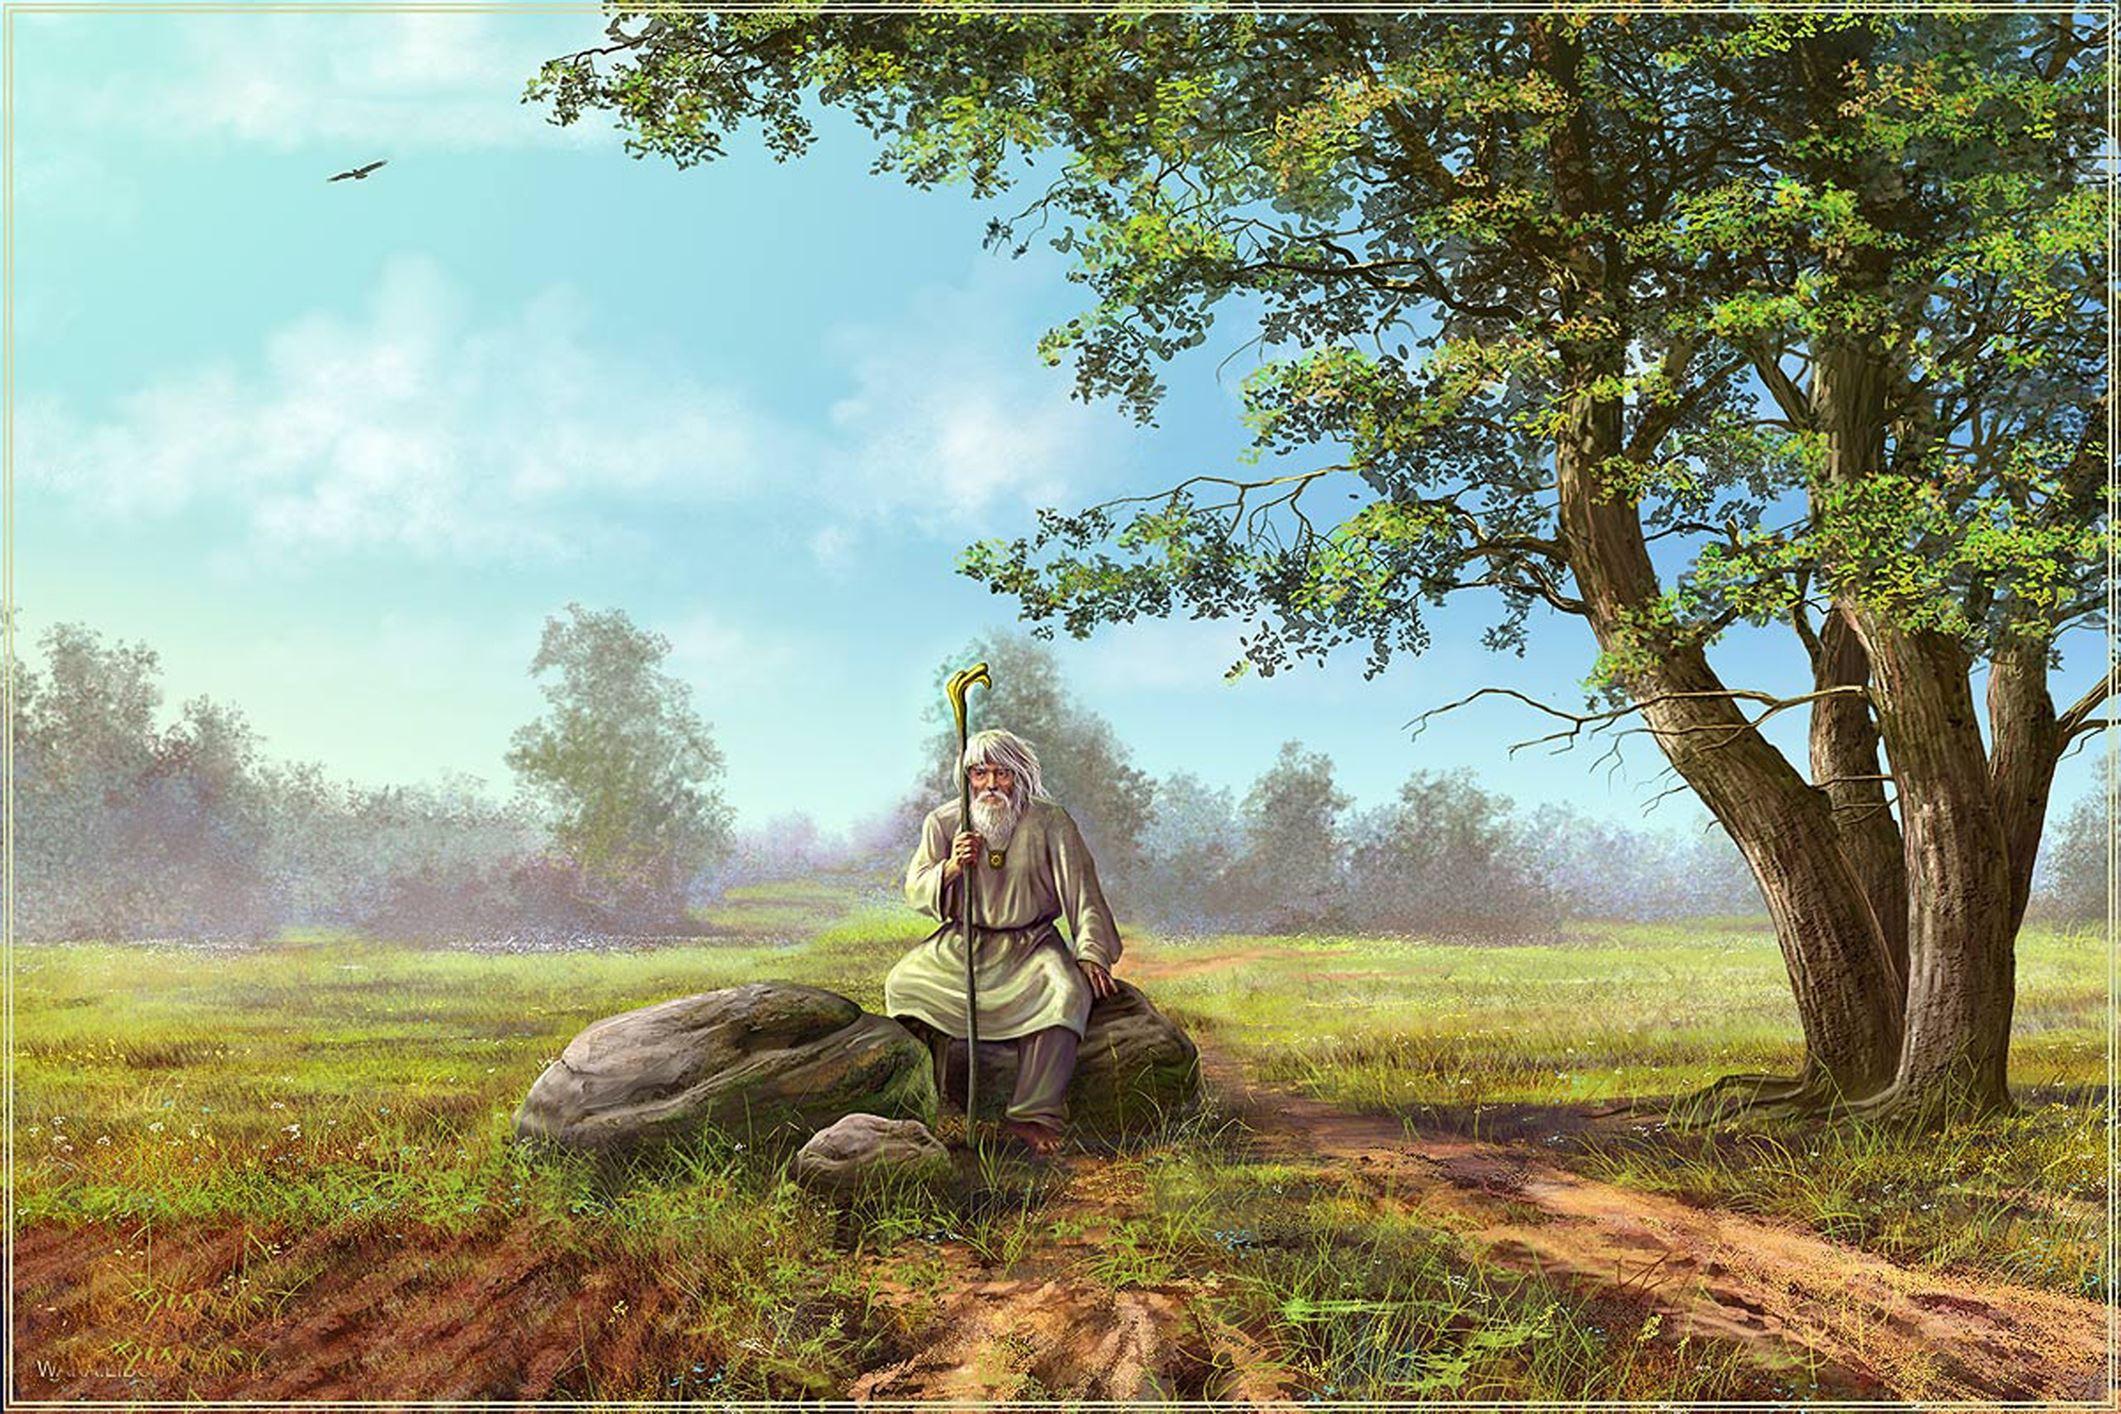 НАЧИНАЙТЕ КАЖДЫЙ ДЕНЬ С ЭТОГО ТЕКСТА, И ВАША ЖИЗНЬ ОБРЕТЕТ НОВЫЙ СМЫСЛ